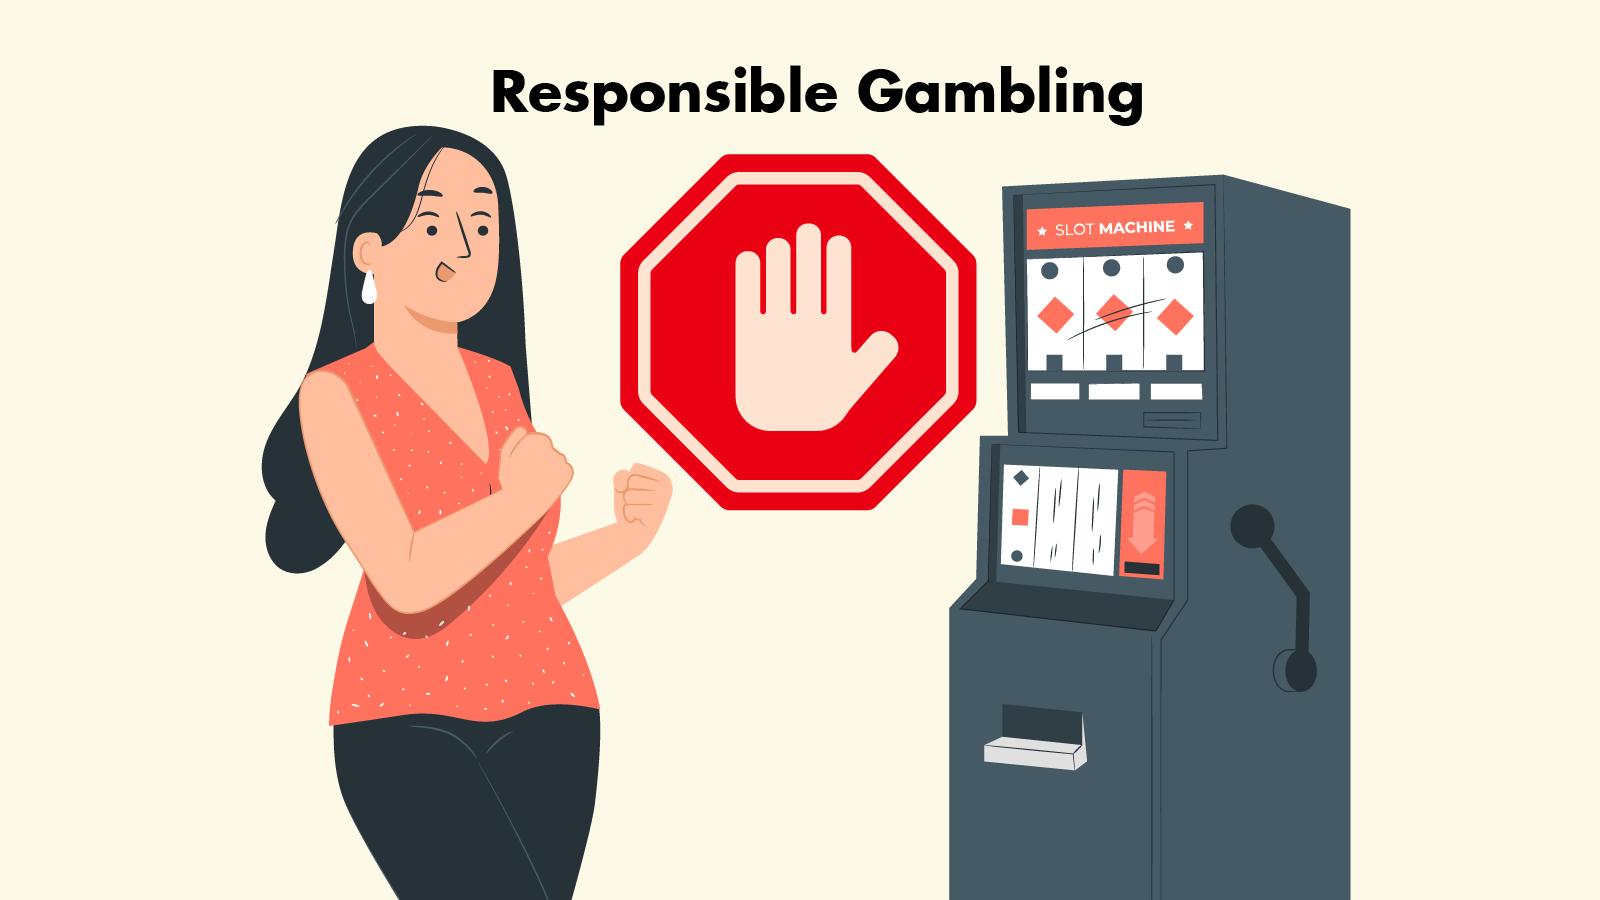 Step 5 Practice responsible gambling